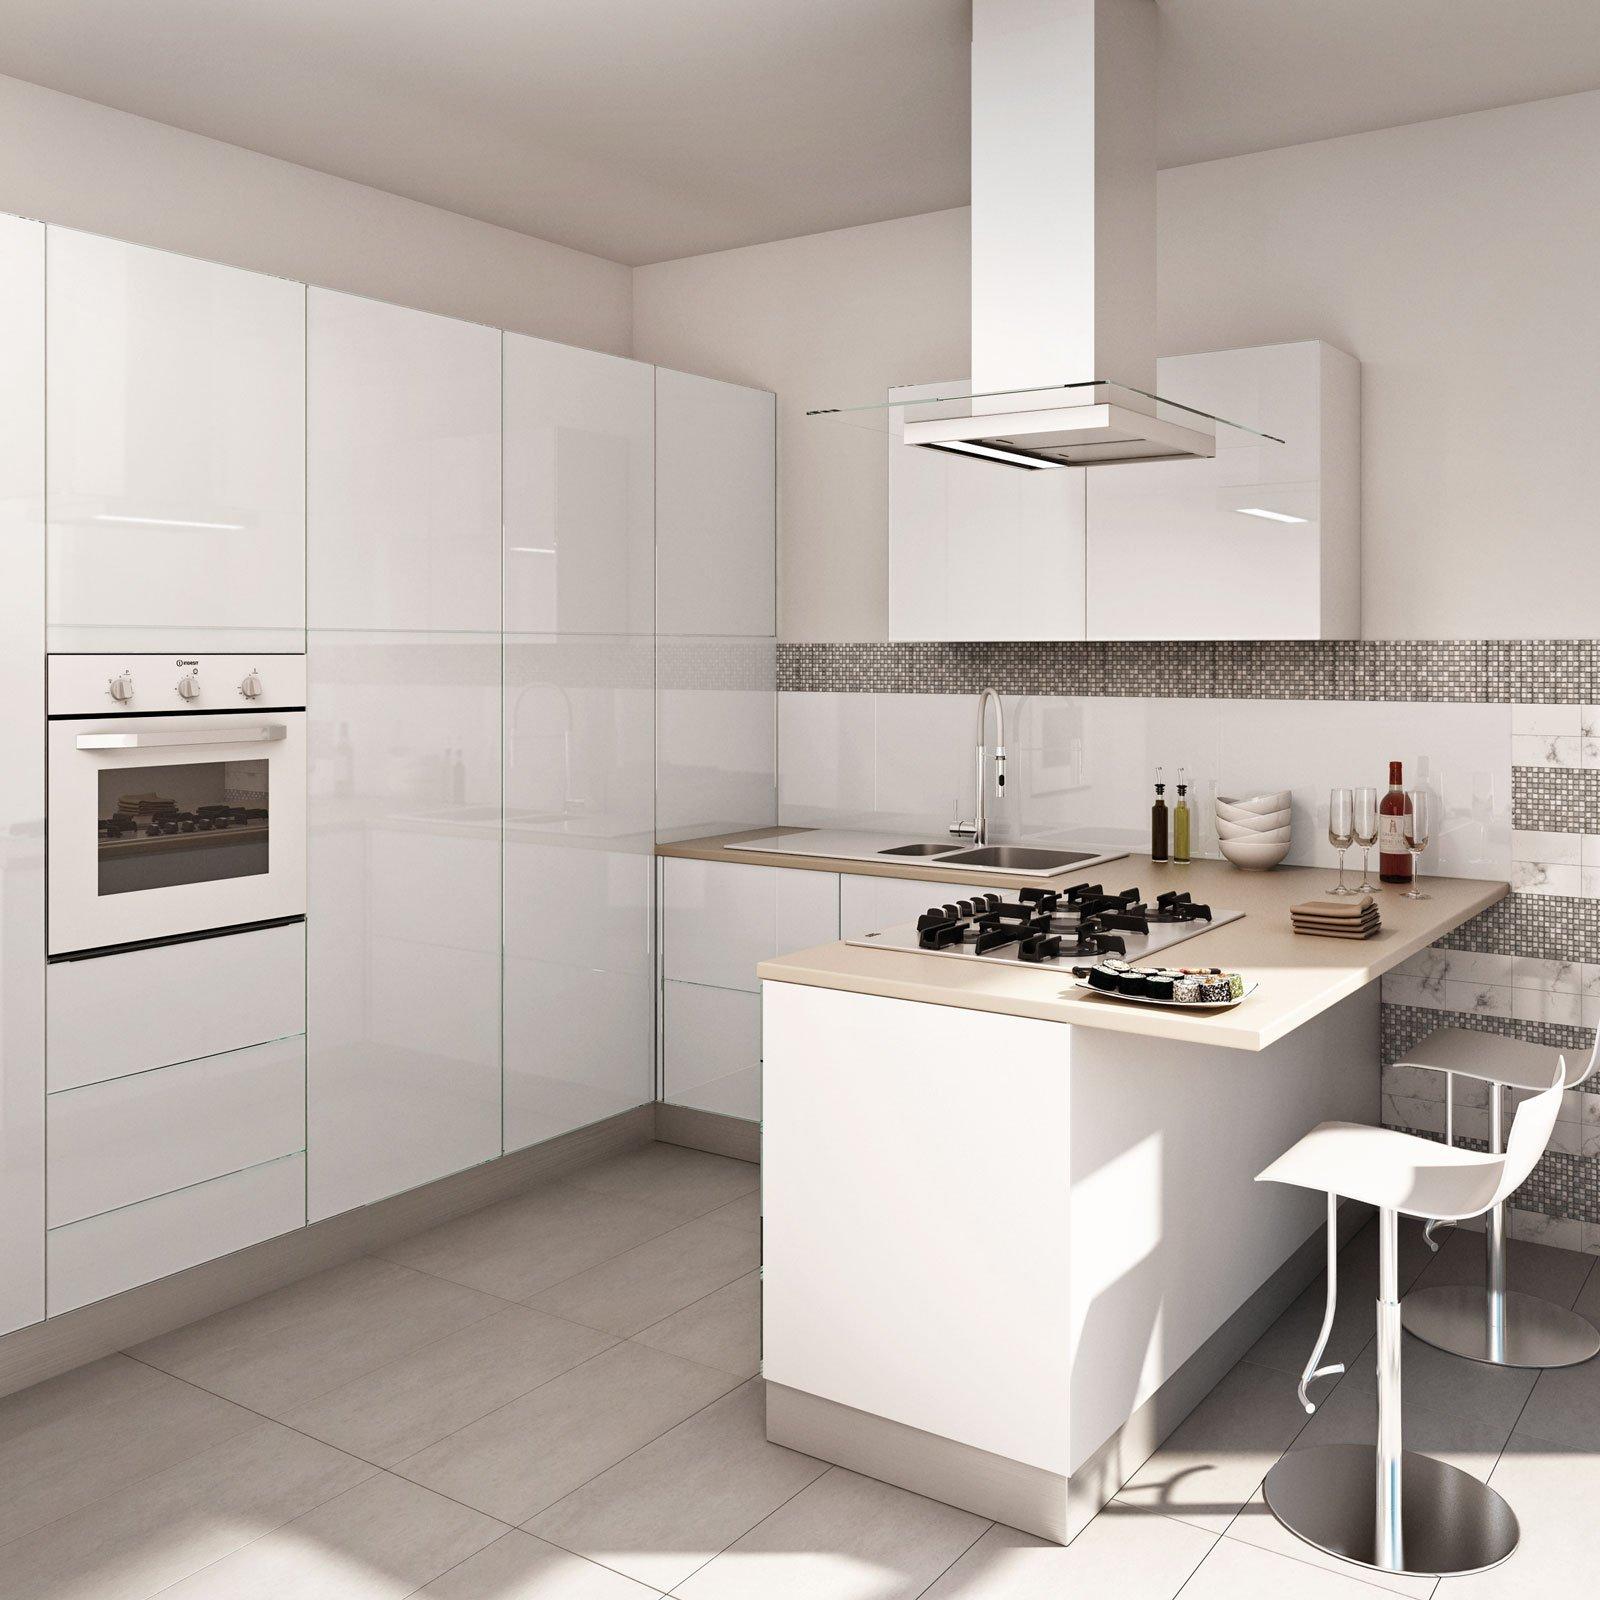 Cucina Bianca: Il Fascino Eterno Della Luminosità Cose Di Casa #586A73 1600 1600 Pensili E Basi Cucina Ikea